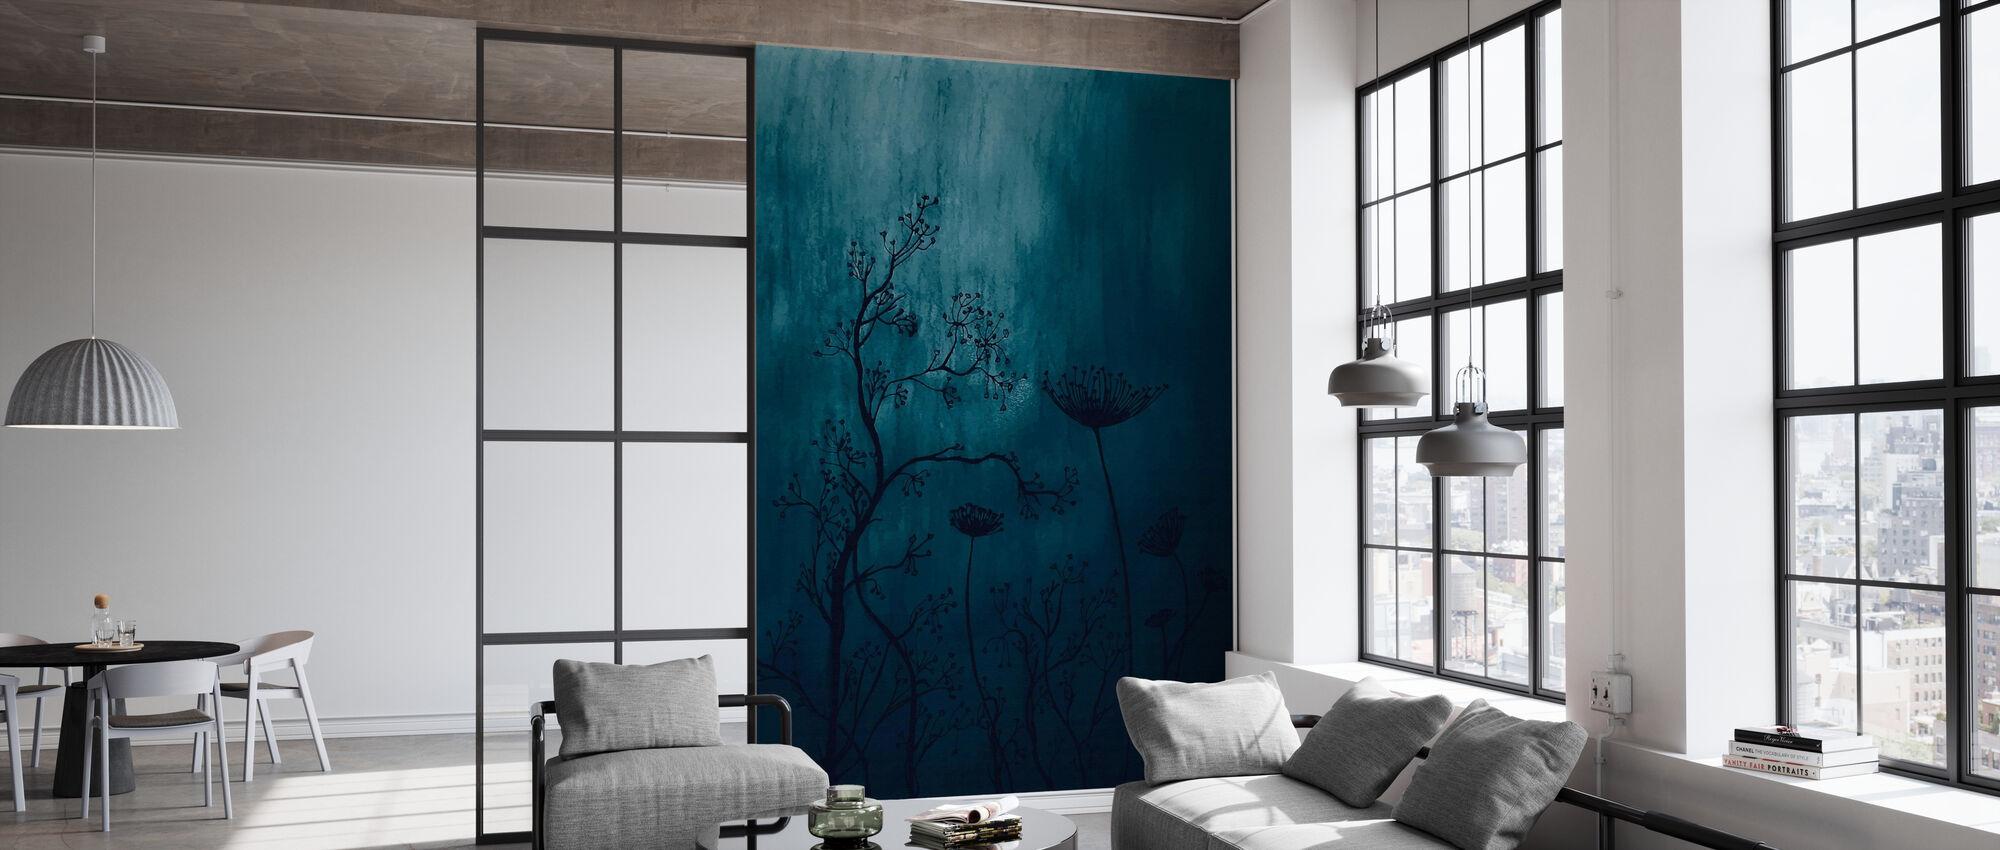 Blom III - Wallpaper - Office